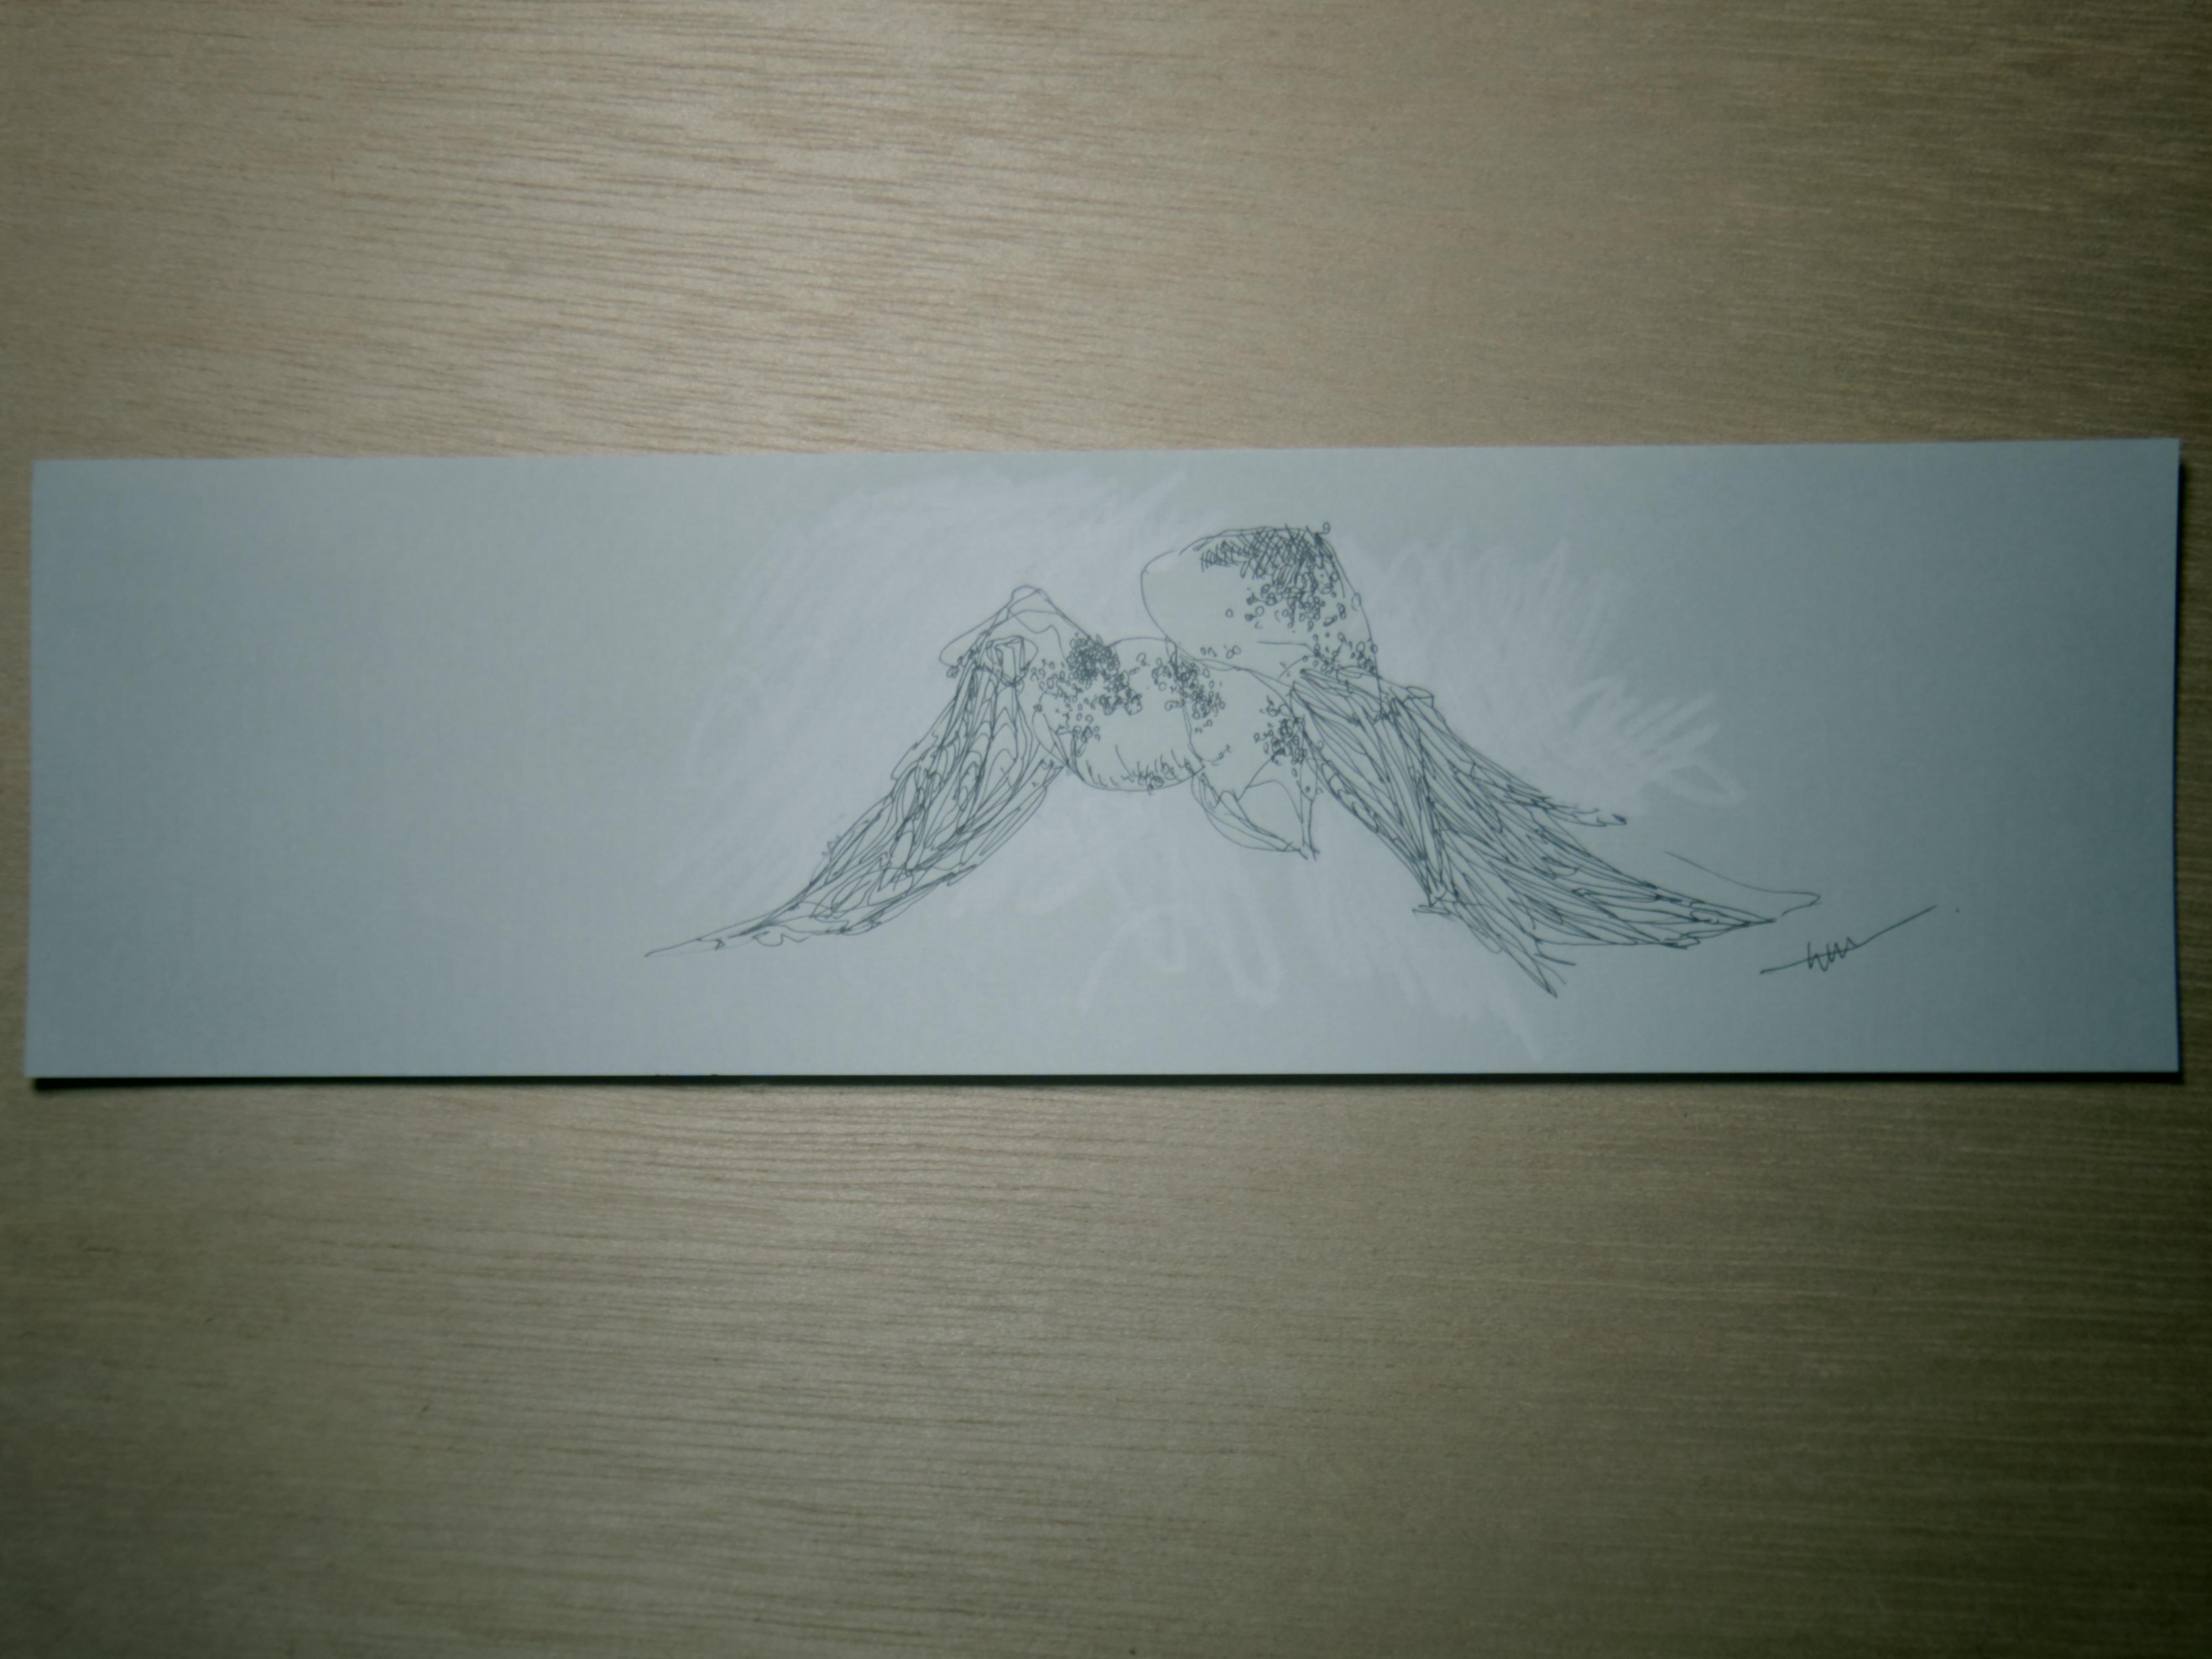 灰景線描 08